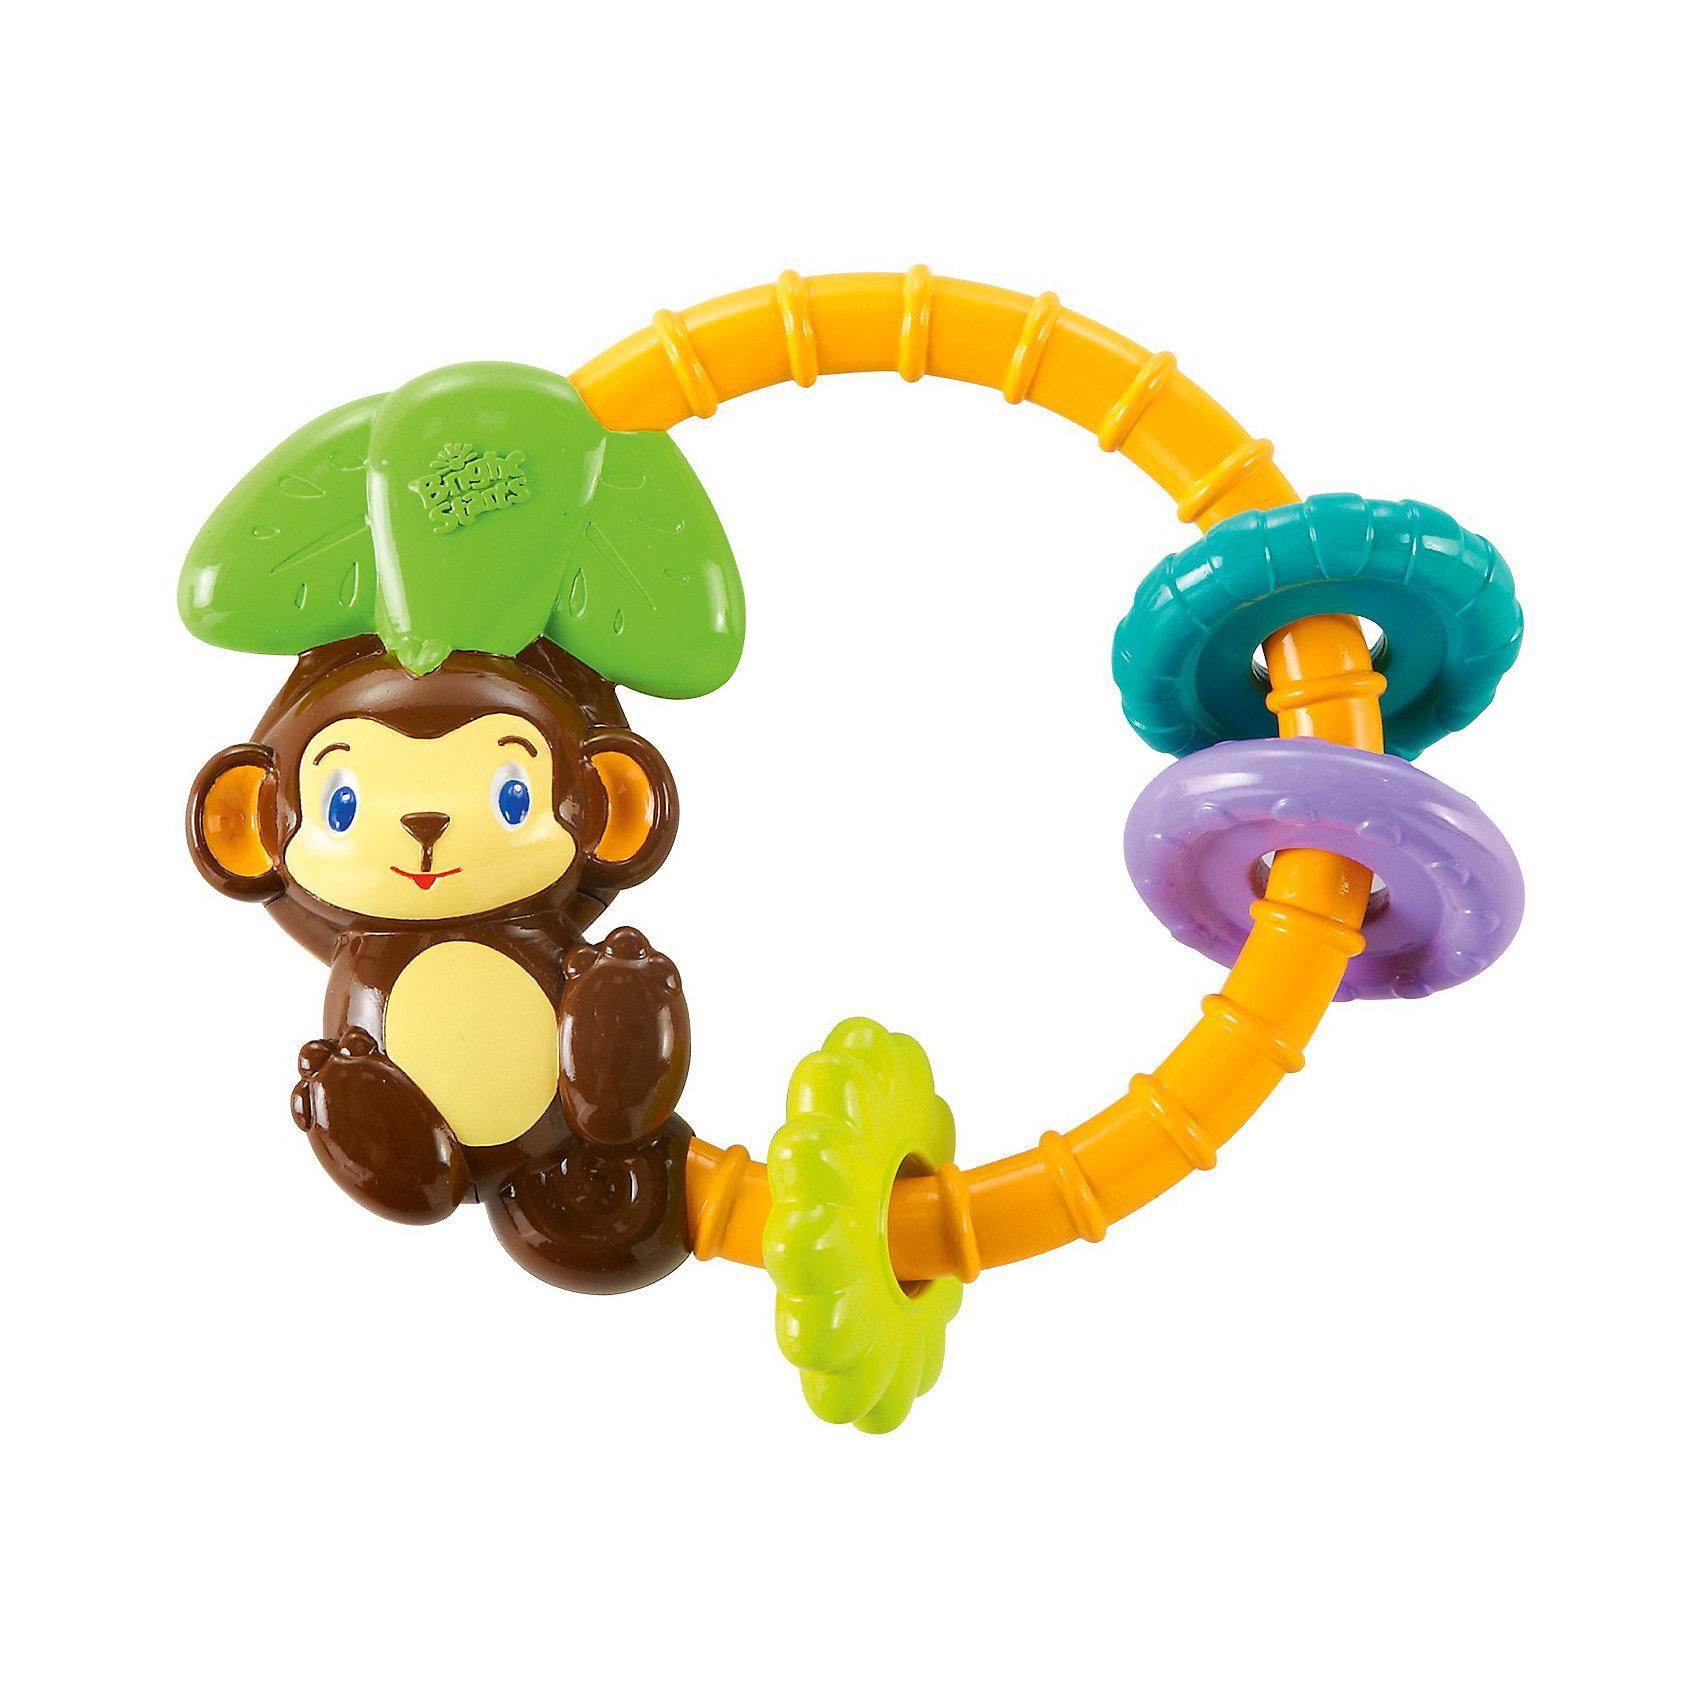 Погремушка Обезьянка, Bright StartsПогремушки<br>Обезьянка – это разноцветная рельефная погремушка, которая сможет развлечь малыша. Она предназначается для крох возрастом от 3 месяца до 1 года. Рельефная погремушка издает забавные звуки джунглей. Чтобы услышать короткие мелодии и звуки животных достаточно потрясти игрушку. Ребенок с легкостью сможет схватить ее маленькими ручками. Погремушка развивает слух и моторику малыша. <br><br>Дополнительная информация:<br><br>- материал: пластик <br>- цвет: многоцветный<br>- размер упаковки (коробки):16 х 3 х 20 см.<br>- вес: 12 гр.<br><br>Погремушку Обезьянка можно купить в нашем интернет магазине.<br><br>Ширина мм: 160<br>Глубина мм: 200<br>Высота мм: 30<br>Вес г: 117<br>Возраст от месяцев: 0<br>Возраст до месяцев: 12<br>Пол: Унисекс<br>Возраст: Детский<br>SKU: 3345340